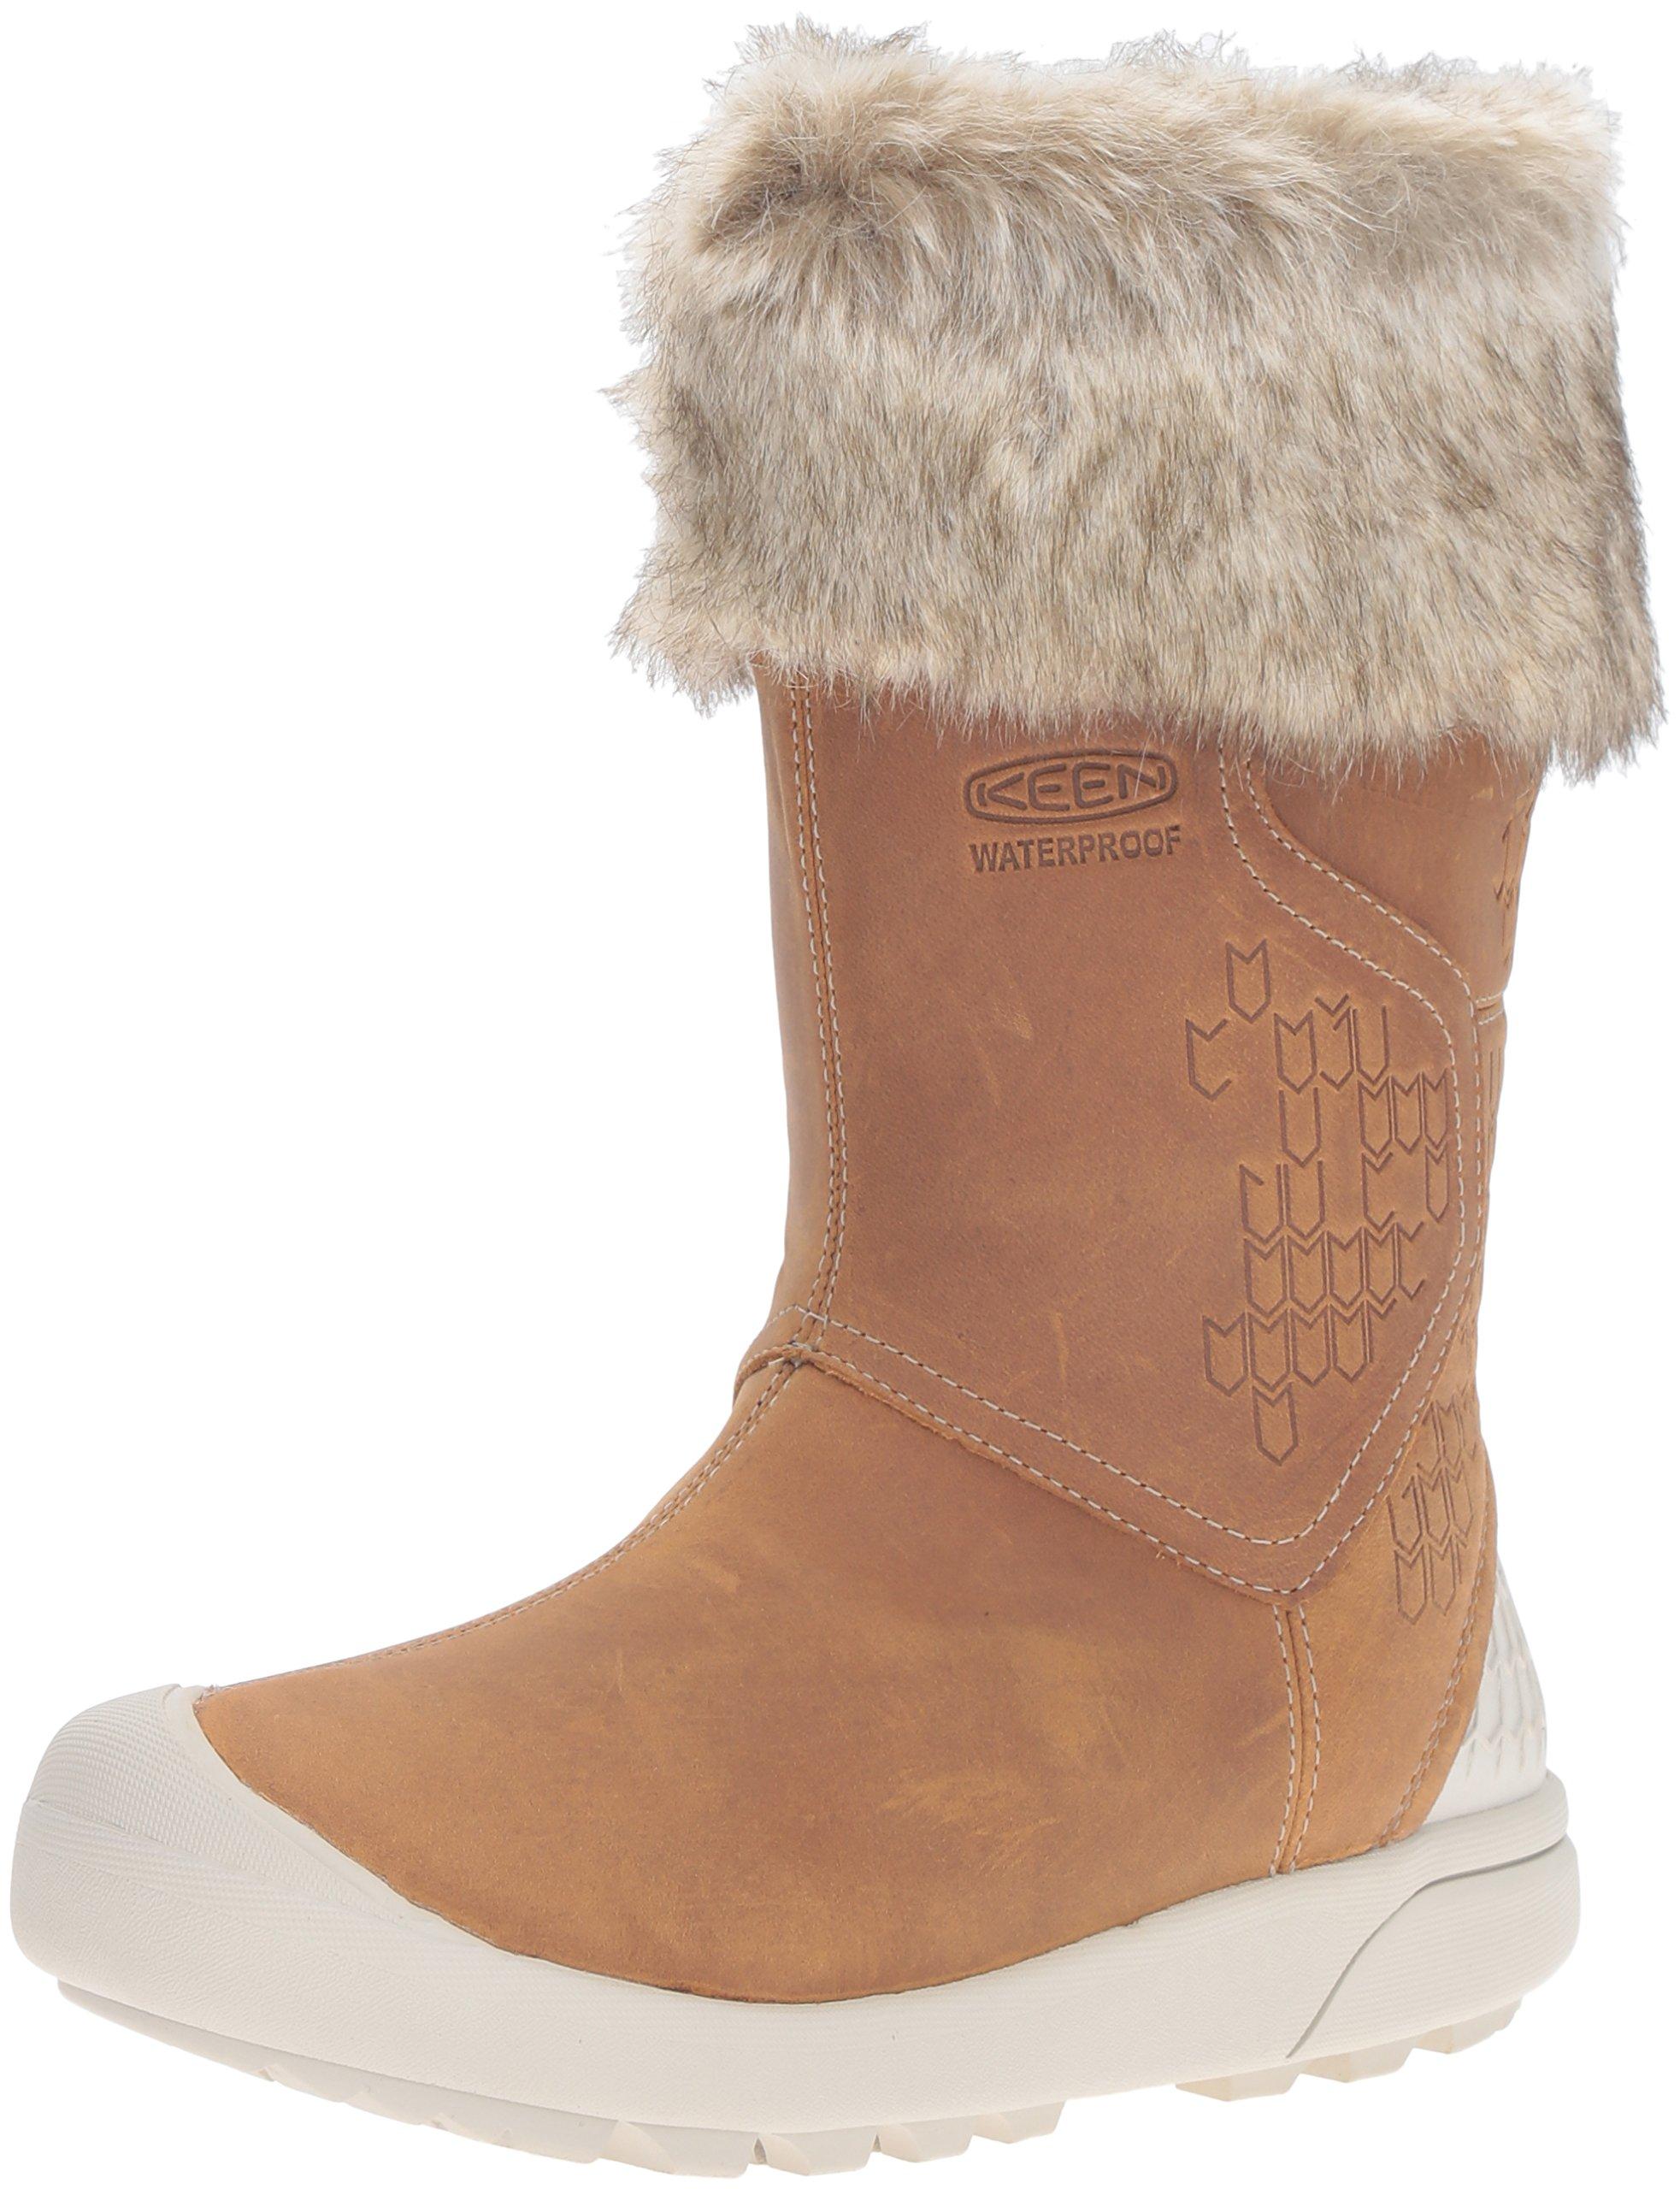 KEEN Women's Fremont Zip Waterproof Shoe, Cookie Dough, 9 M US